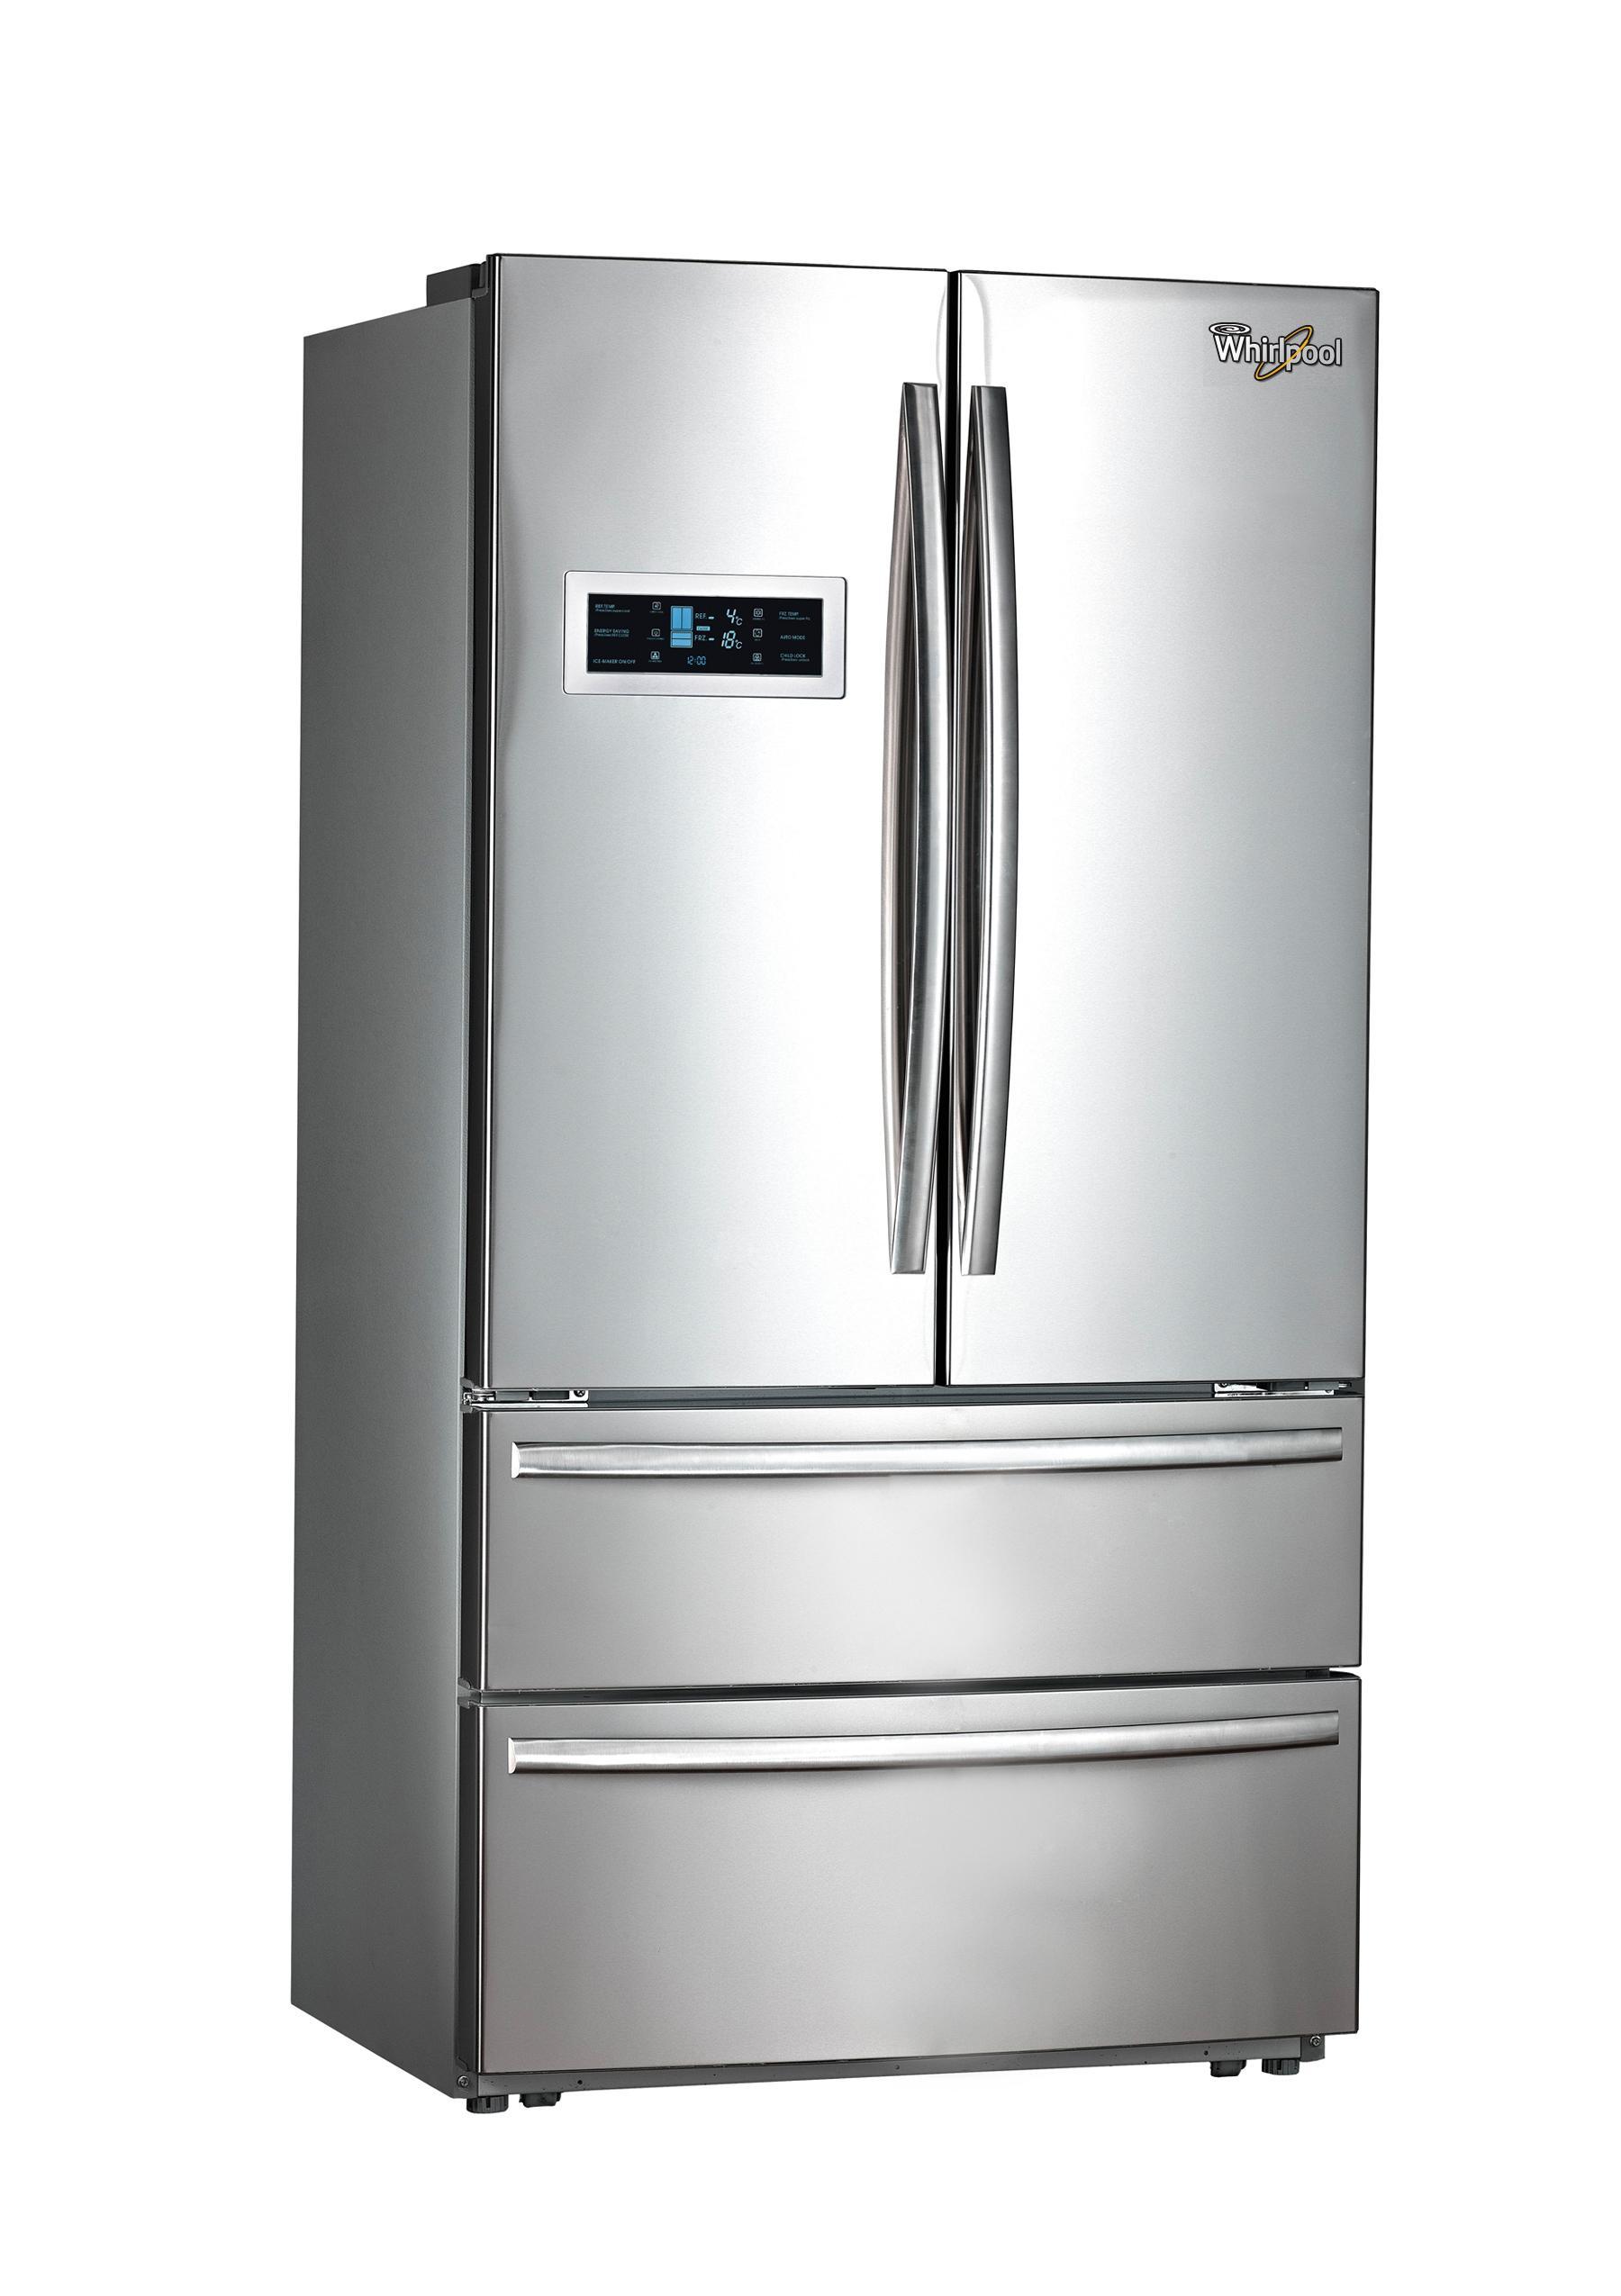 Whirlpool Double Door Refrigerator MM26 DLX FIN Image